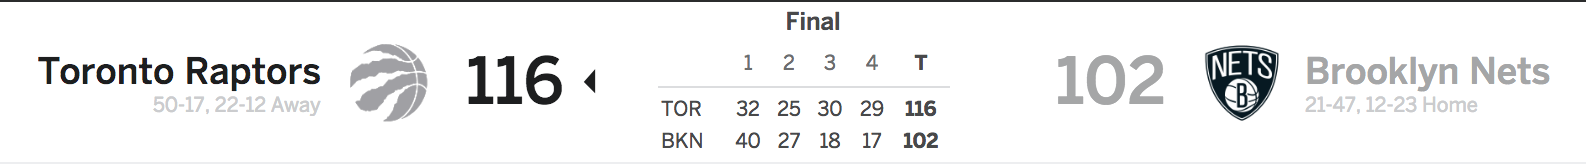 Brooklyn Nets vs Toronto Raptors 3-13-18 Score